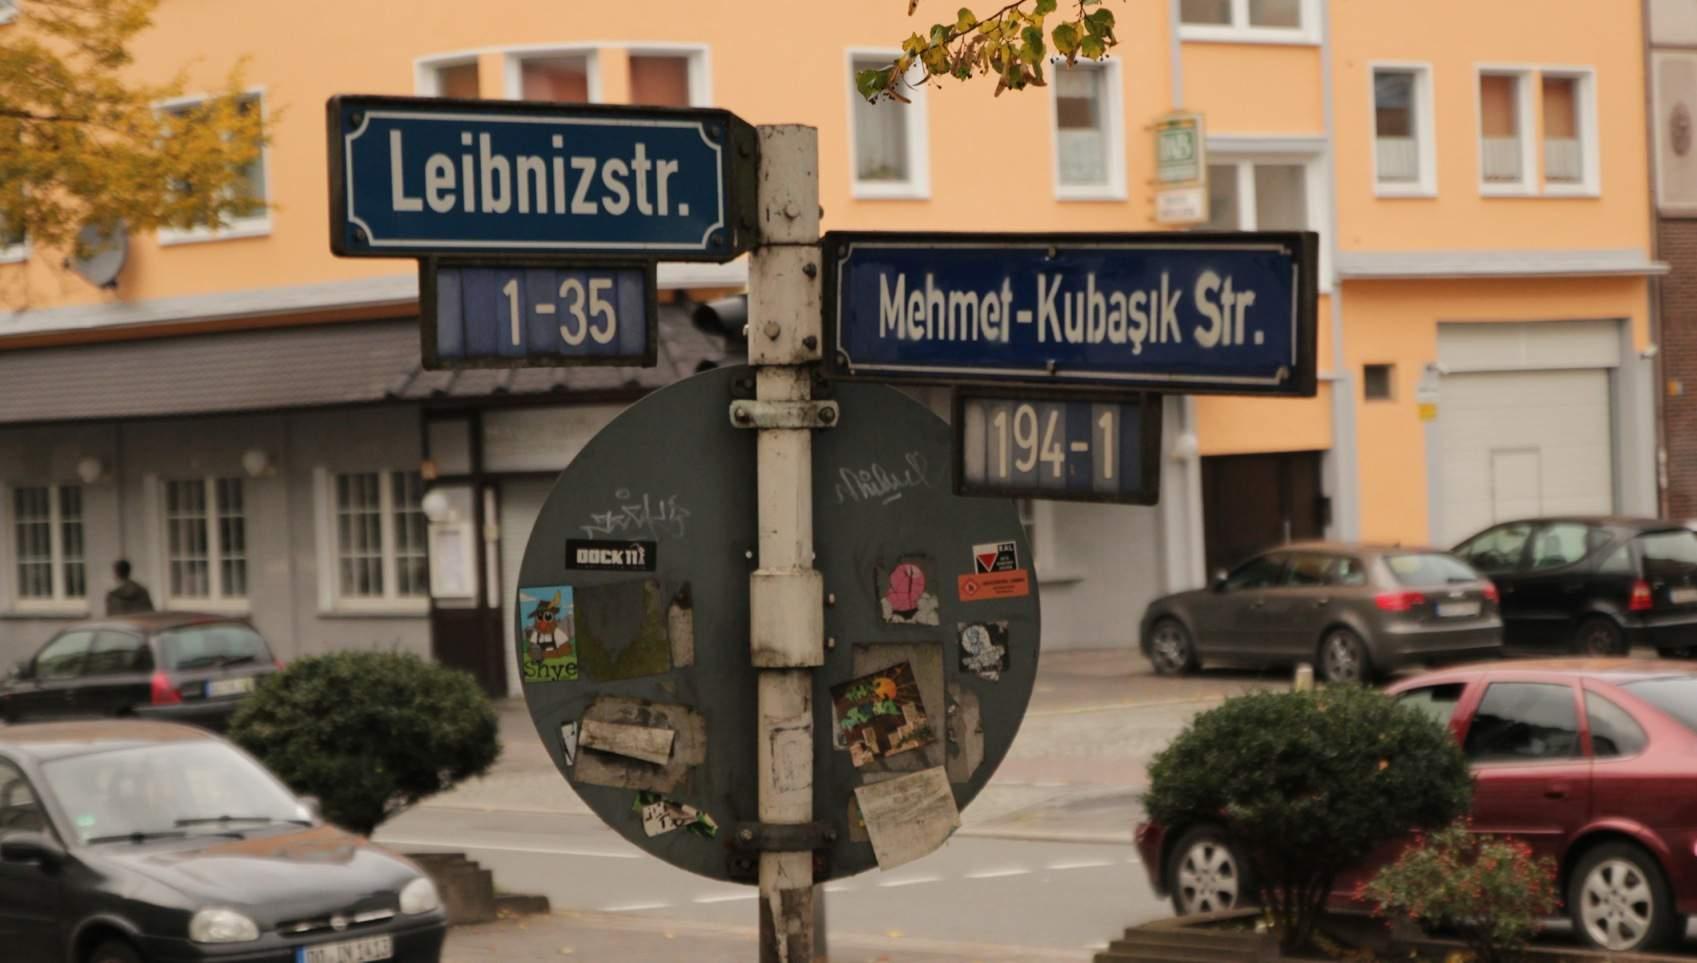 Straßenschild Leibnizstraße/Mehmet-Kubasik-Straße nach Straßenumbenennung